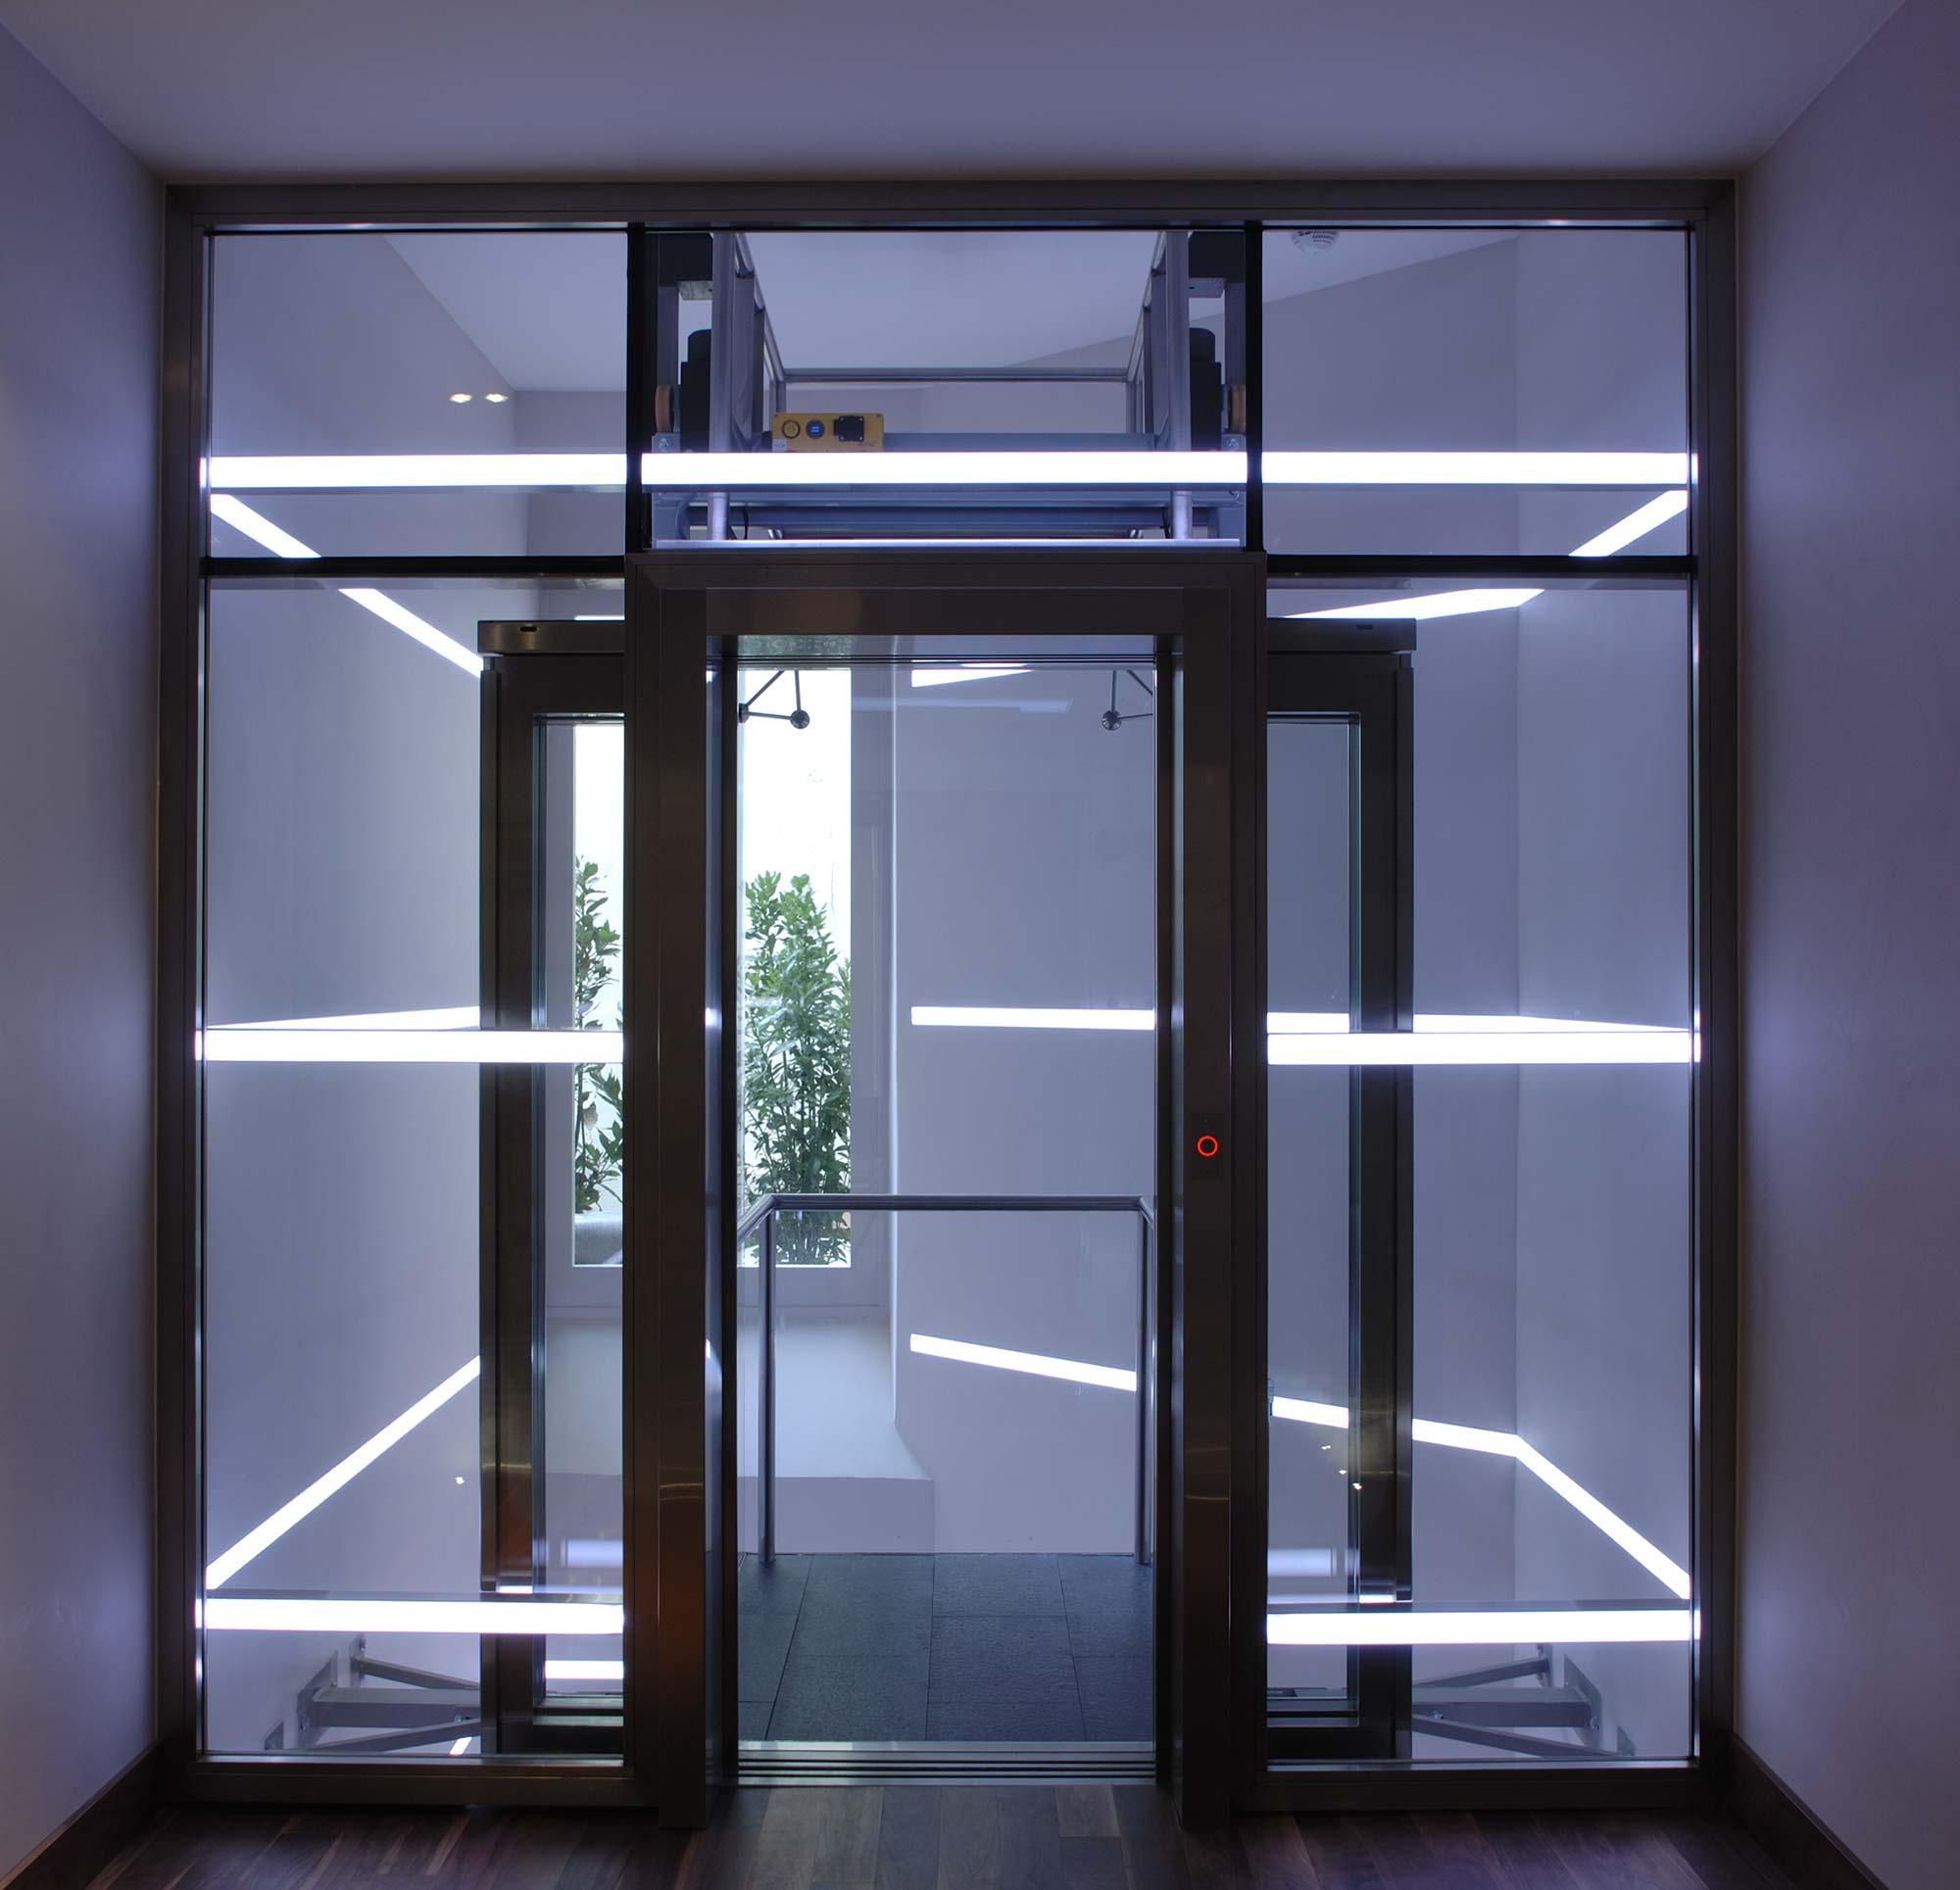 ascenseur prive suisse